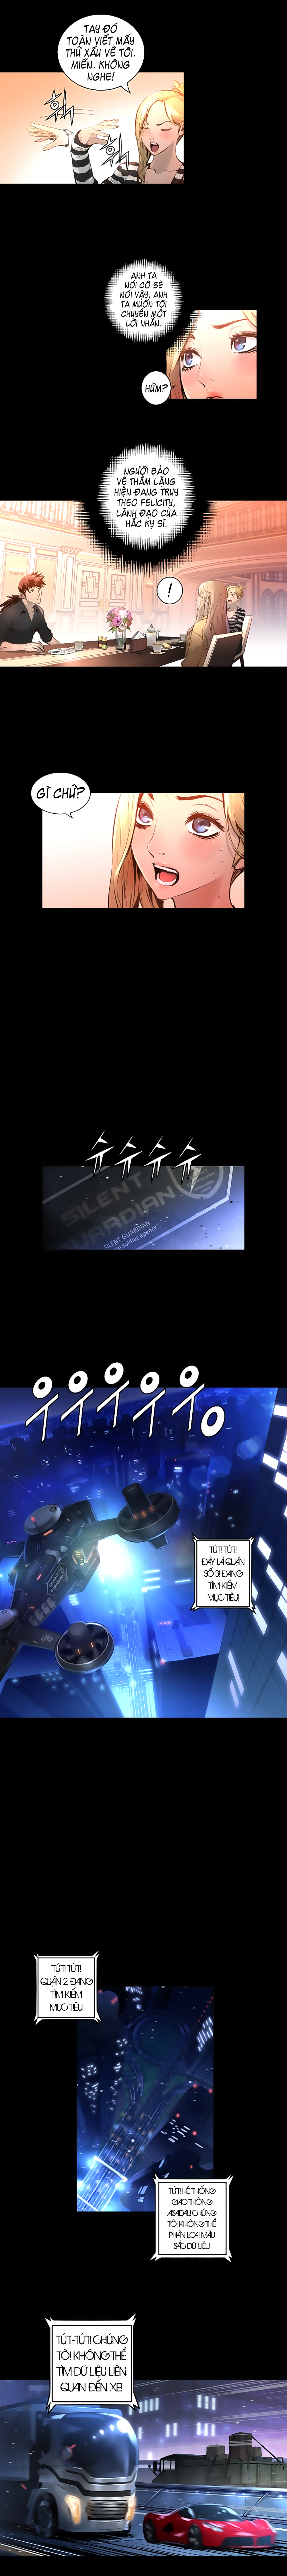 Dị Giới Tam Tuyệt - Trinity Wonder